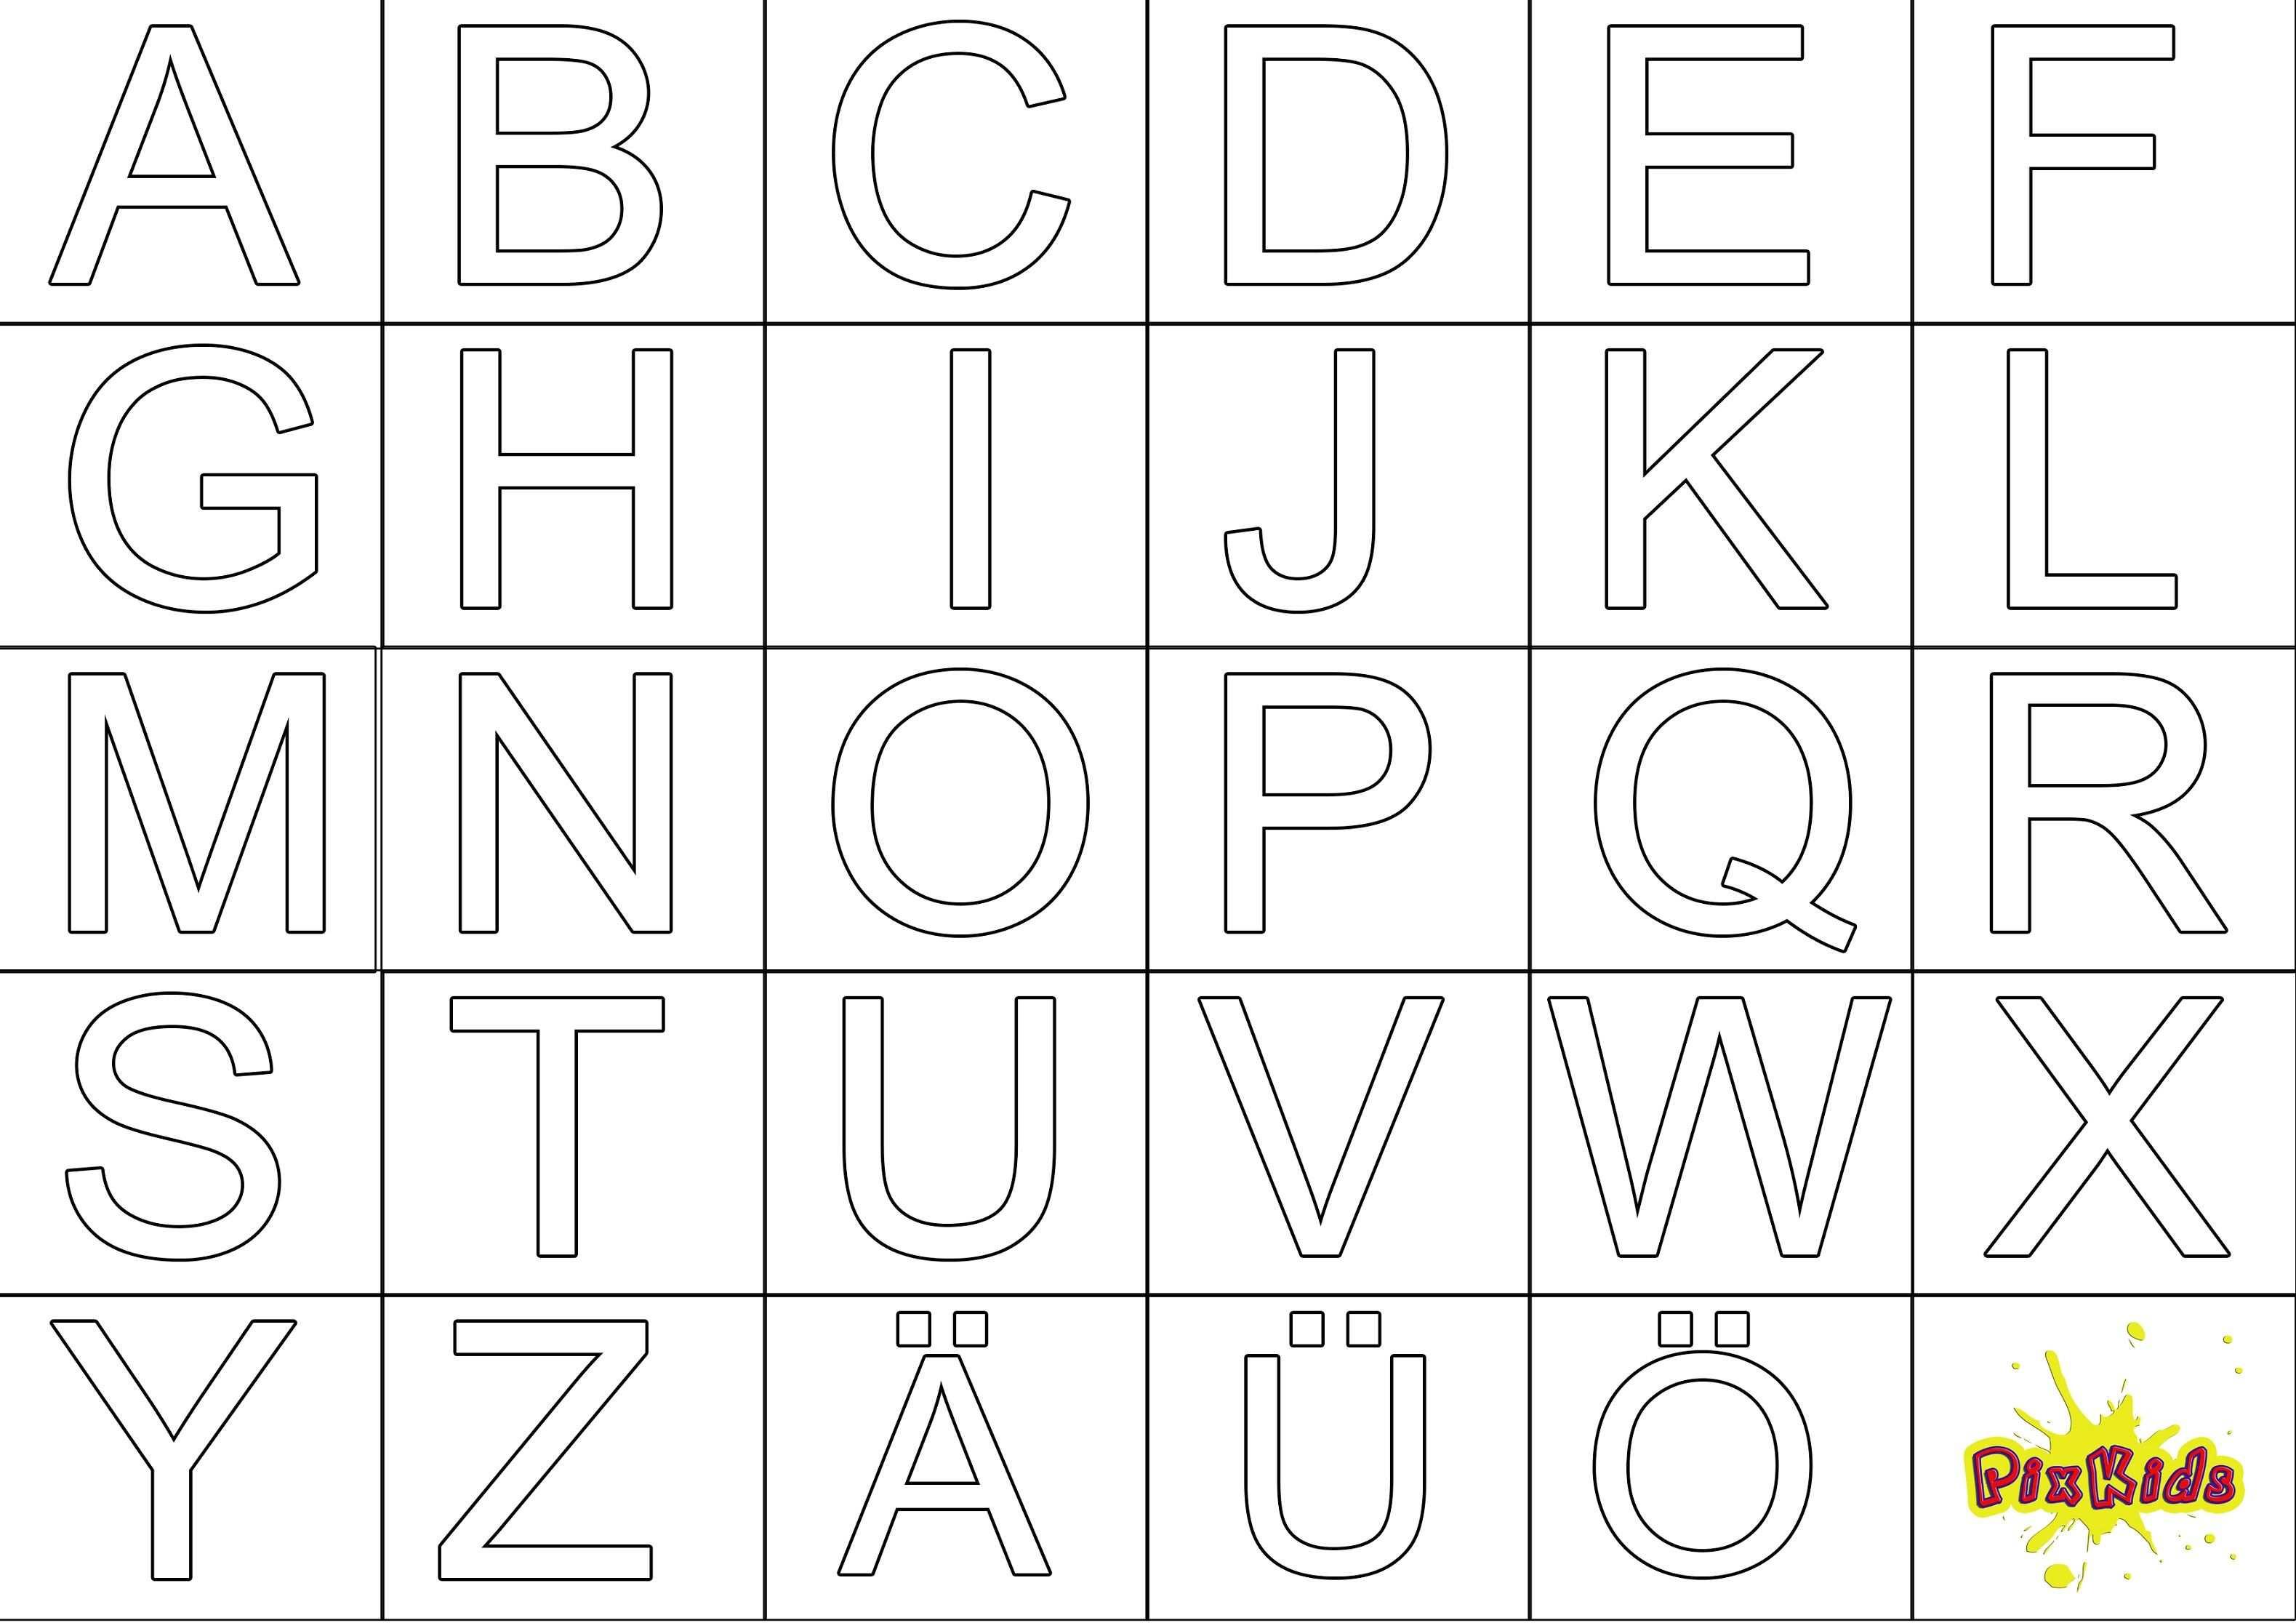 Ausmalbild Abc Buchstaben Vorlagen Zum Ausdrucken Alphabet Buchstaben Ausmalbilder Zum Ausdrucken